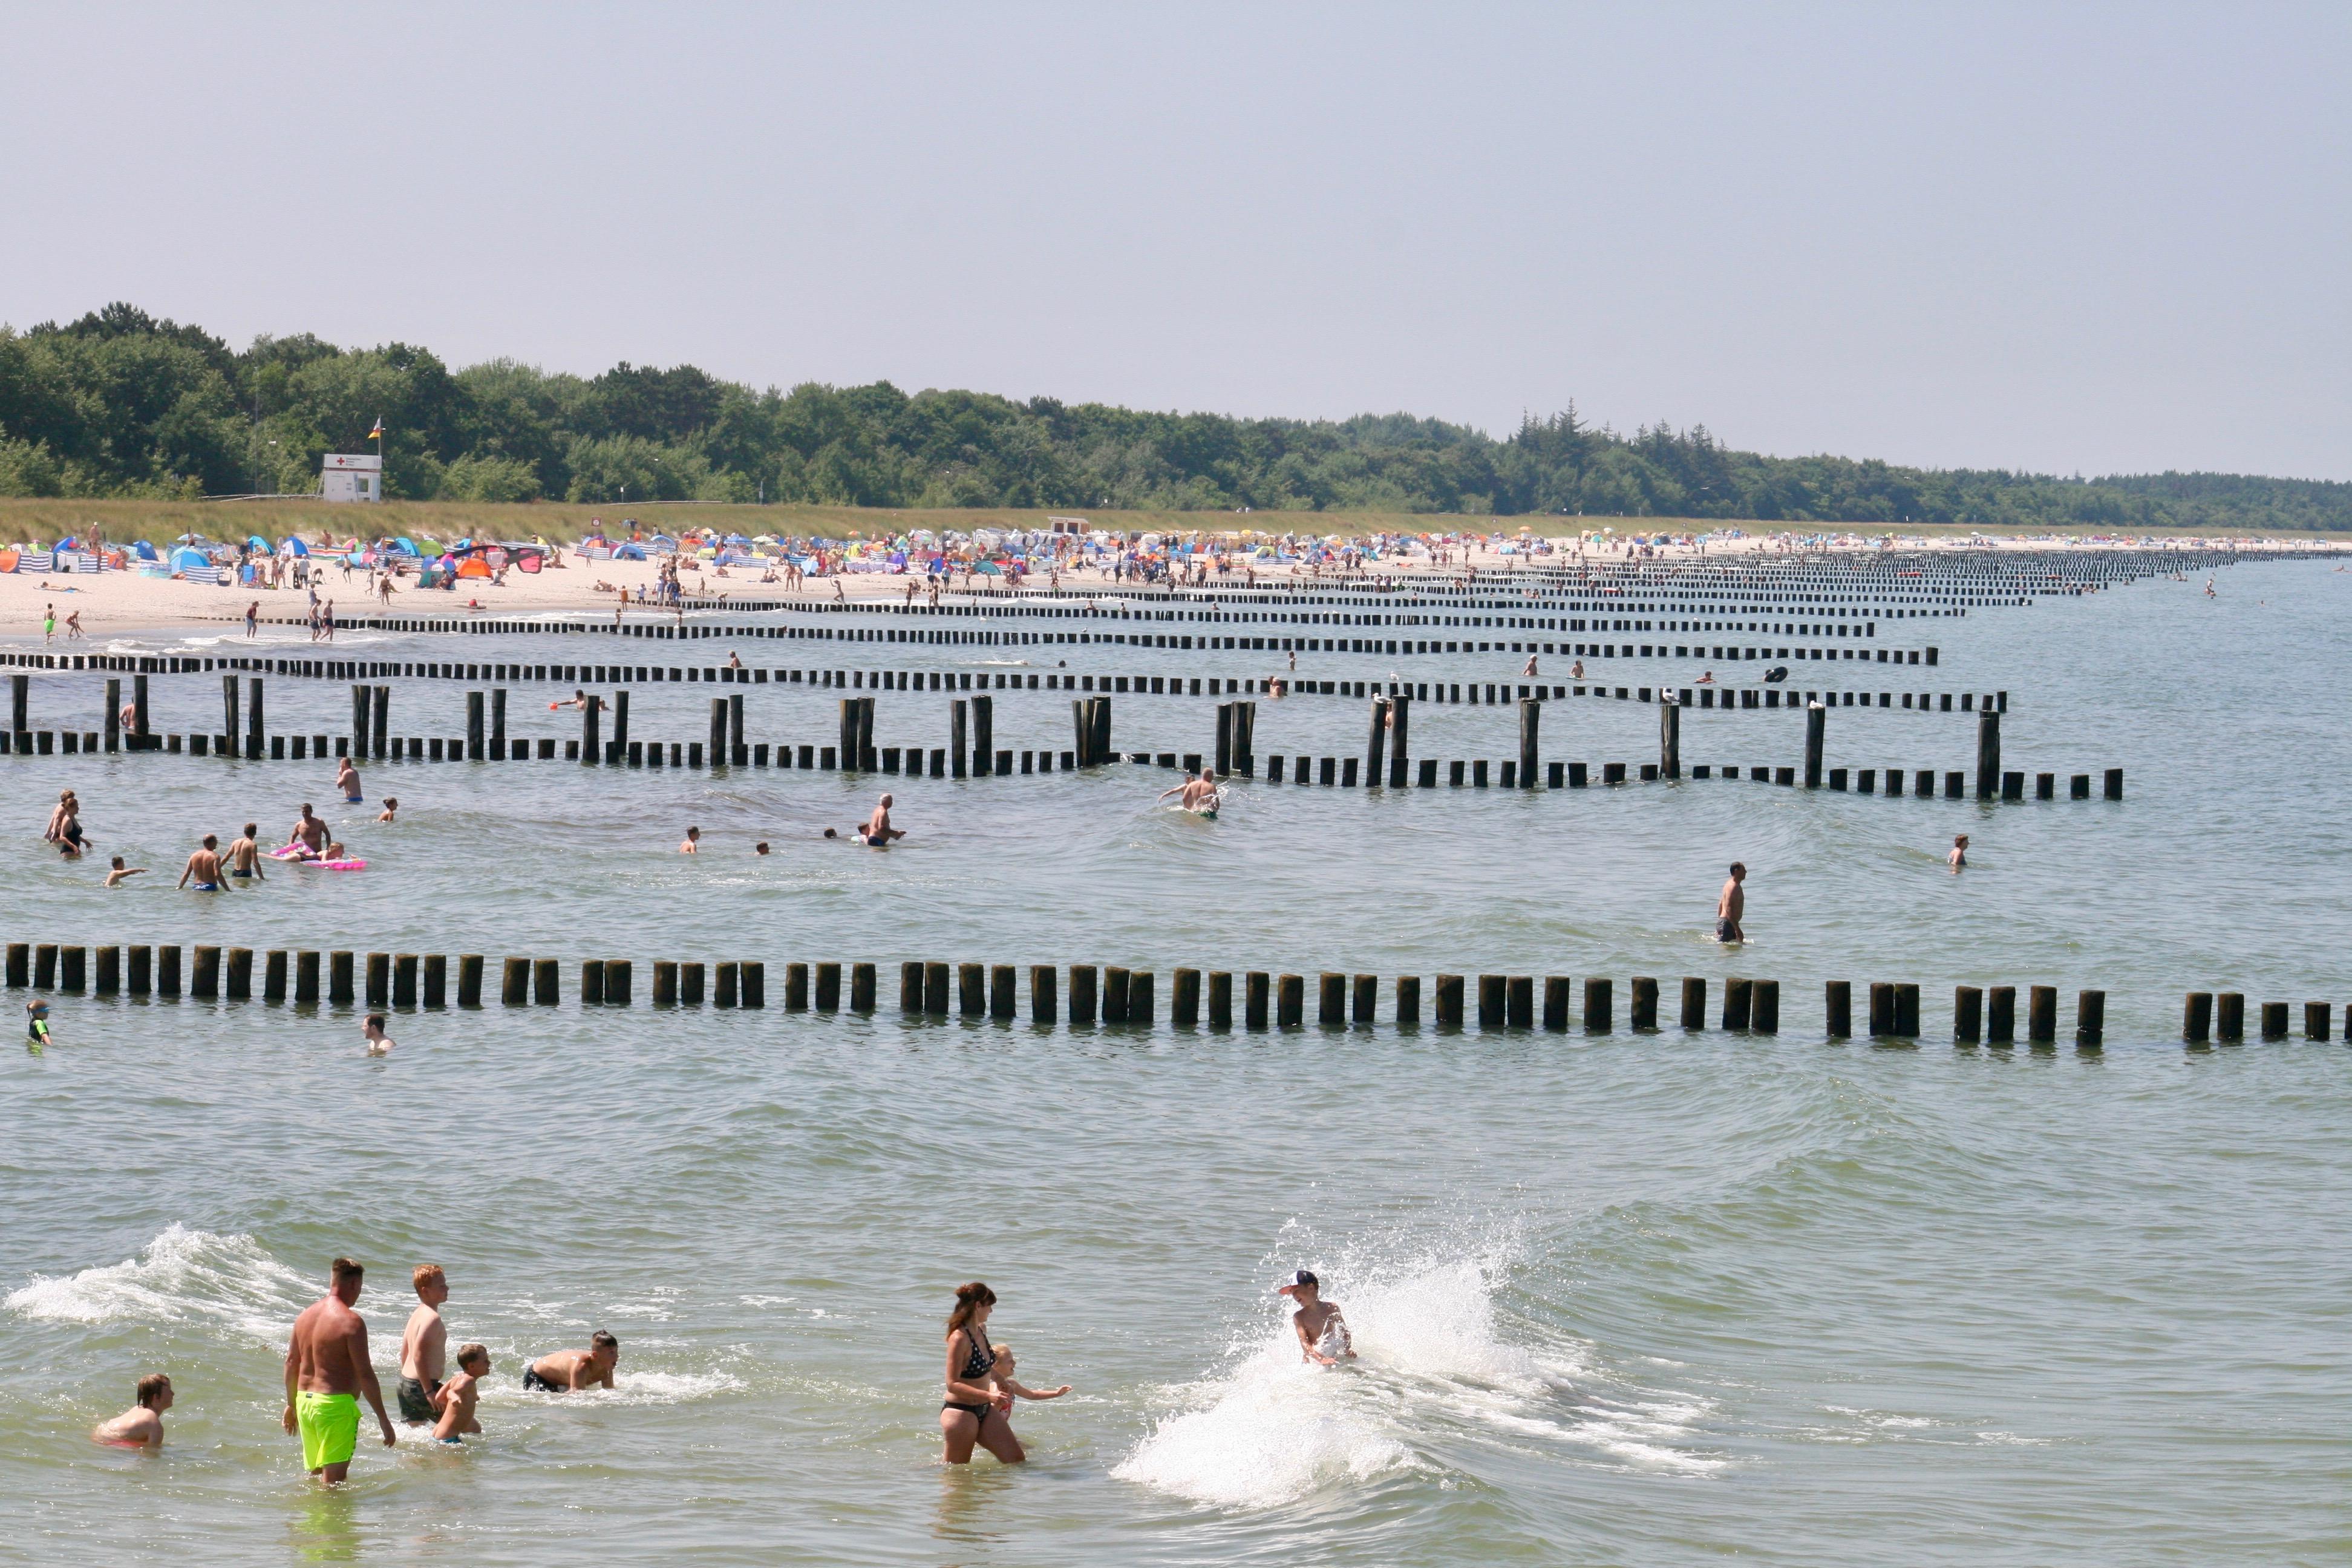 Das Meer fällt sehr flach ab und ist daher besonders bei Familien beliebt